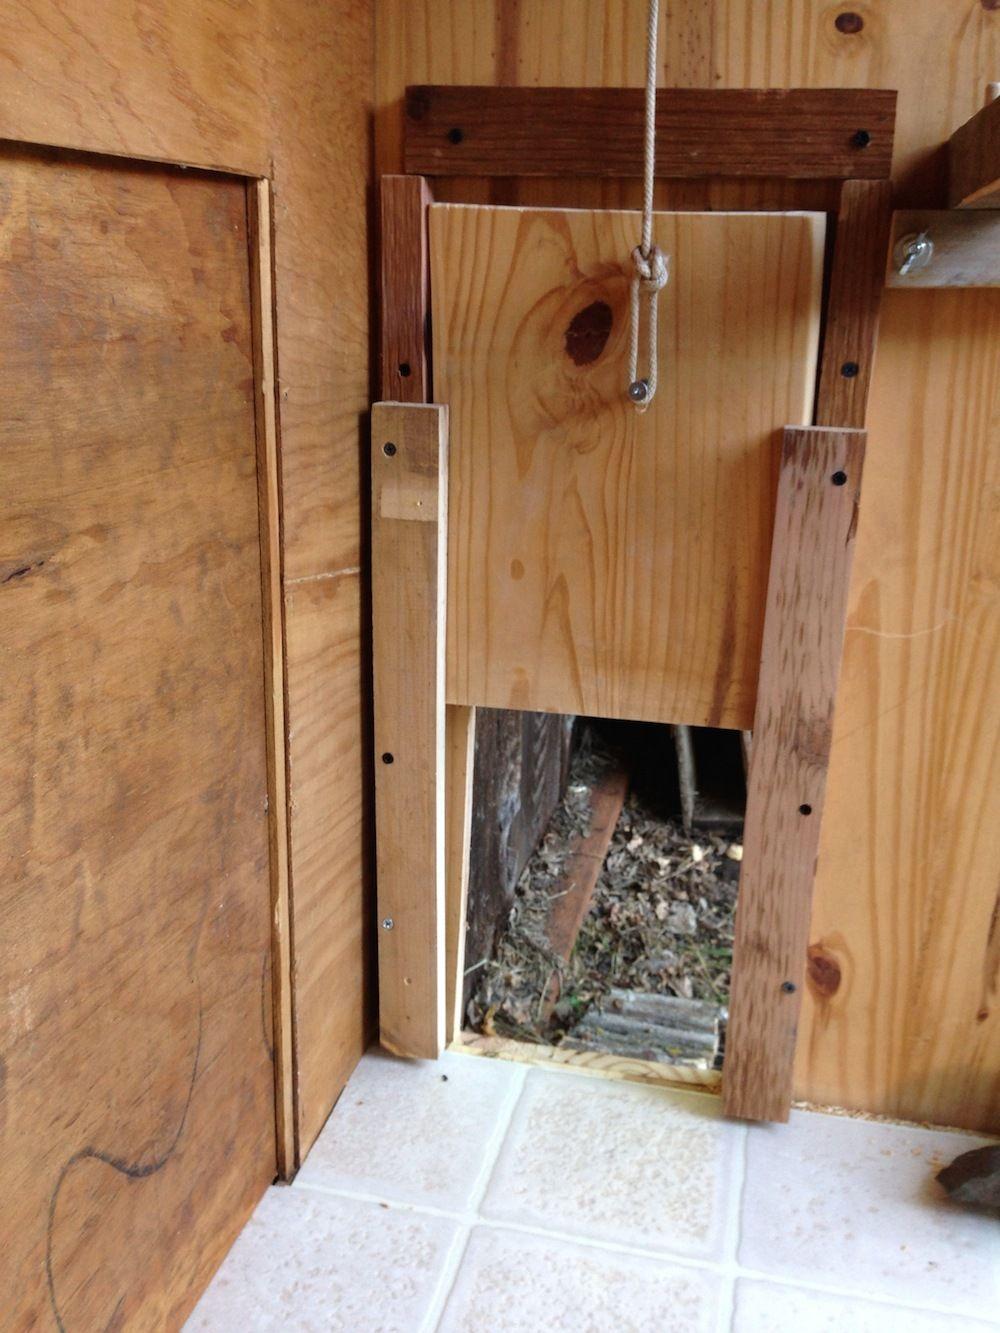 Very proud of my recycled coop and sliding door for D20 chicken coop motor door